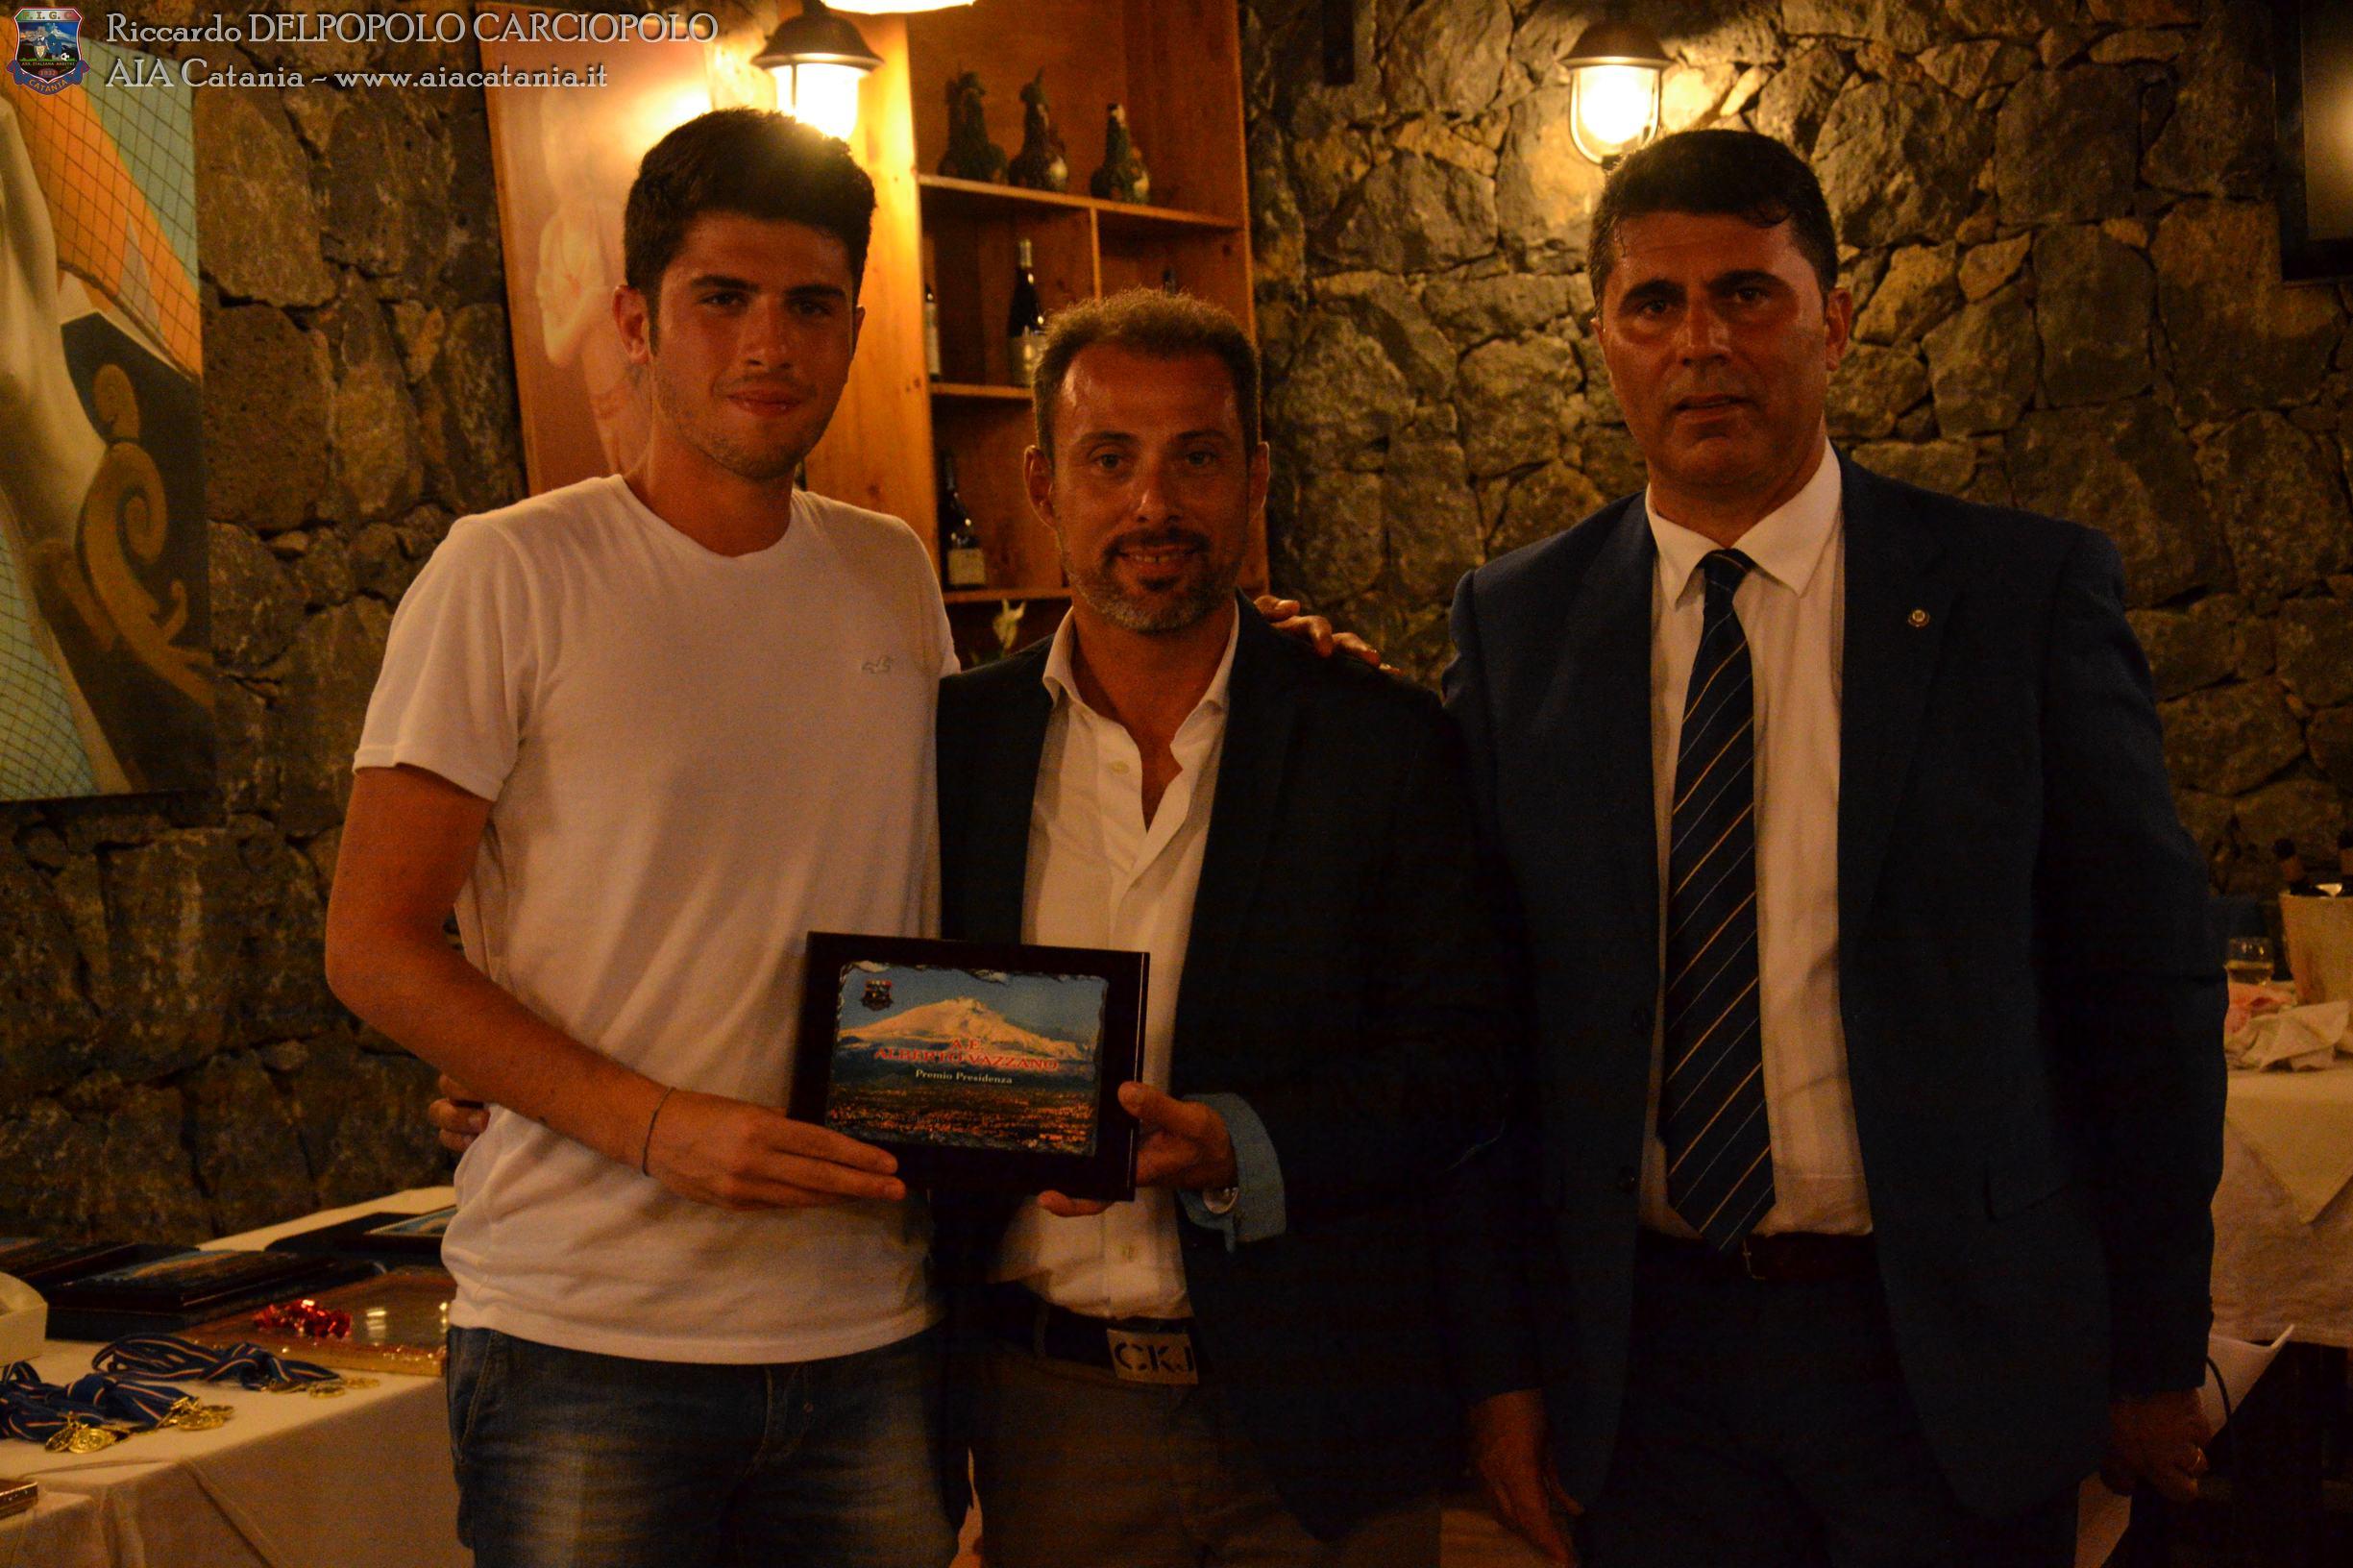 A.E. Alberto Tommaso VAZZANO premiato col Premio presidenza AE OTS da Sergio ROCCASALVO, Vice Presidente AIA Catania